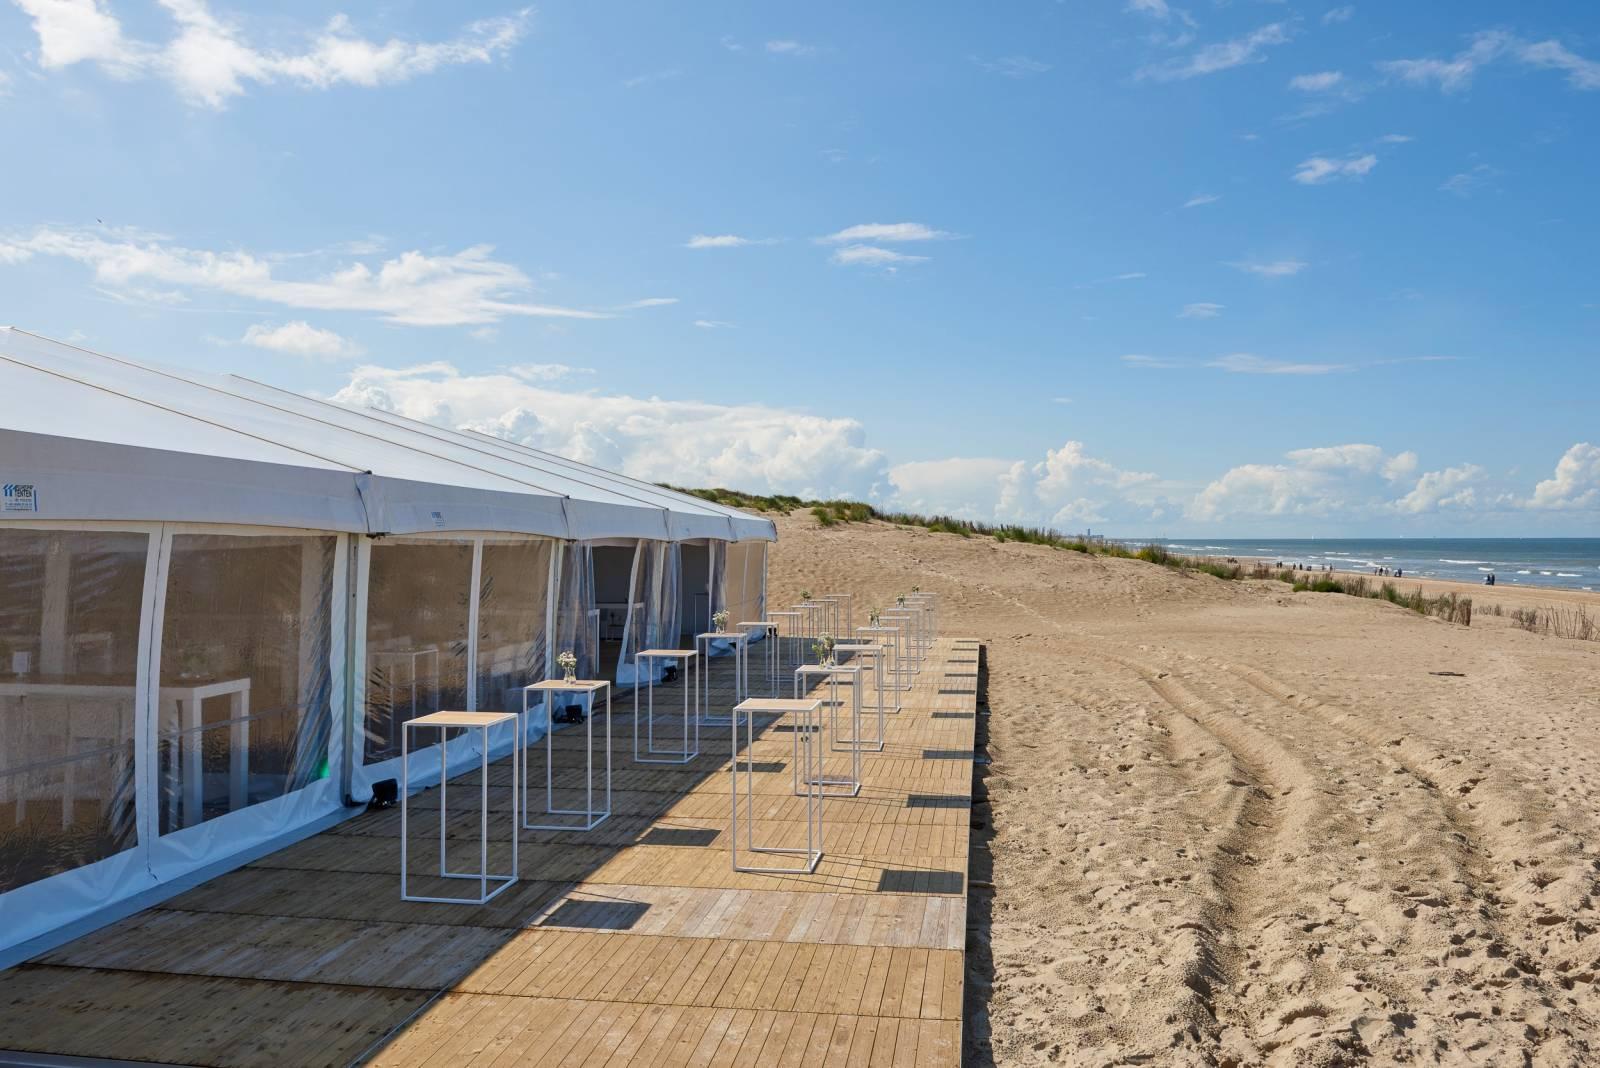 Tentmoment - Feesttent - Tent Event - Verhuur Tenten - Fotograaf Jurgen De Witte - House of Events - 3